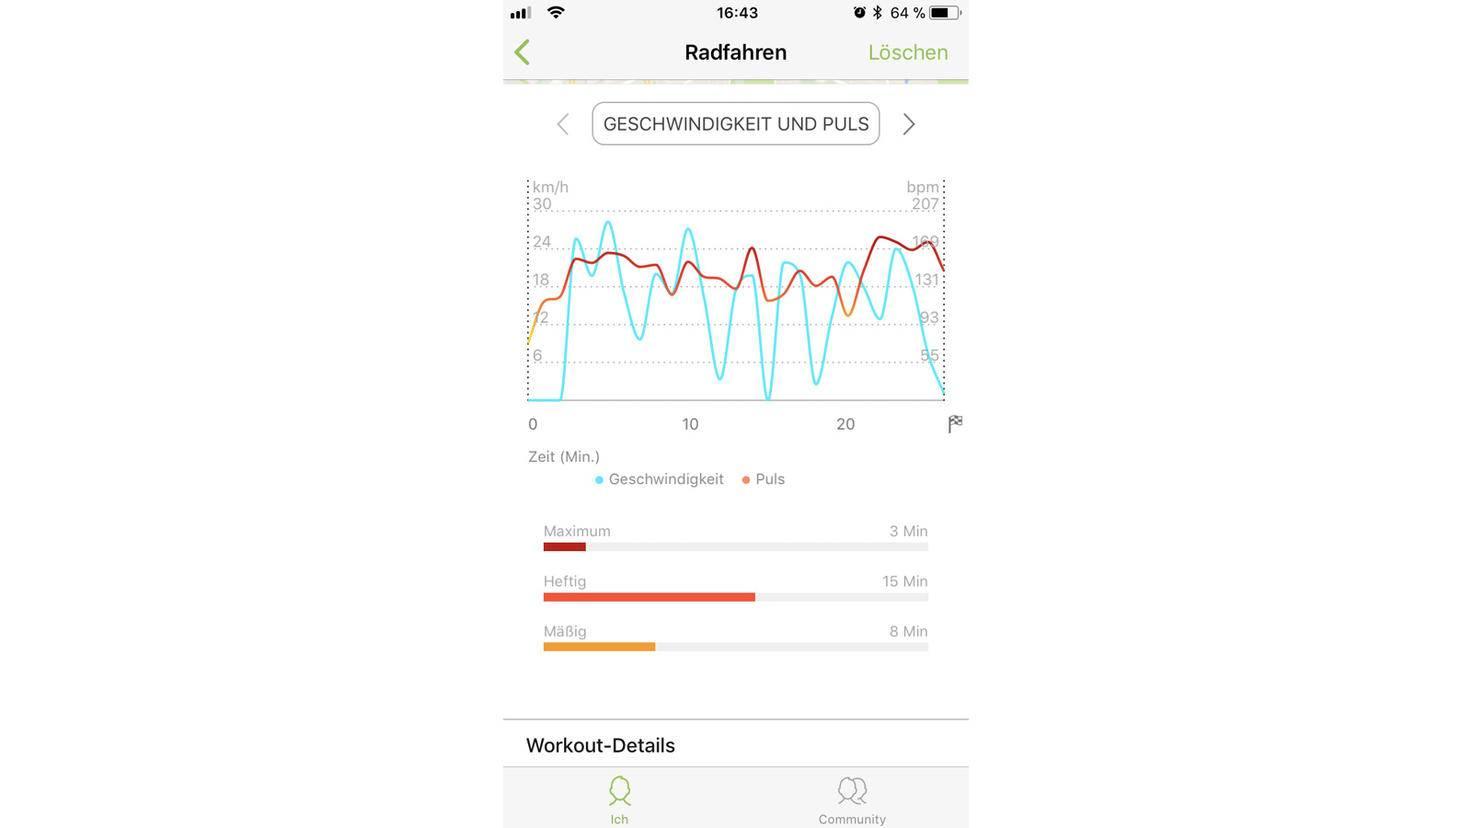 Wie hoch war Dein Puls während des Workouts? Auf dem Graph kannst Du es kontrollieren.